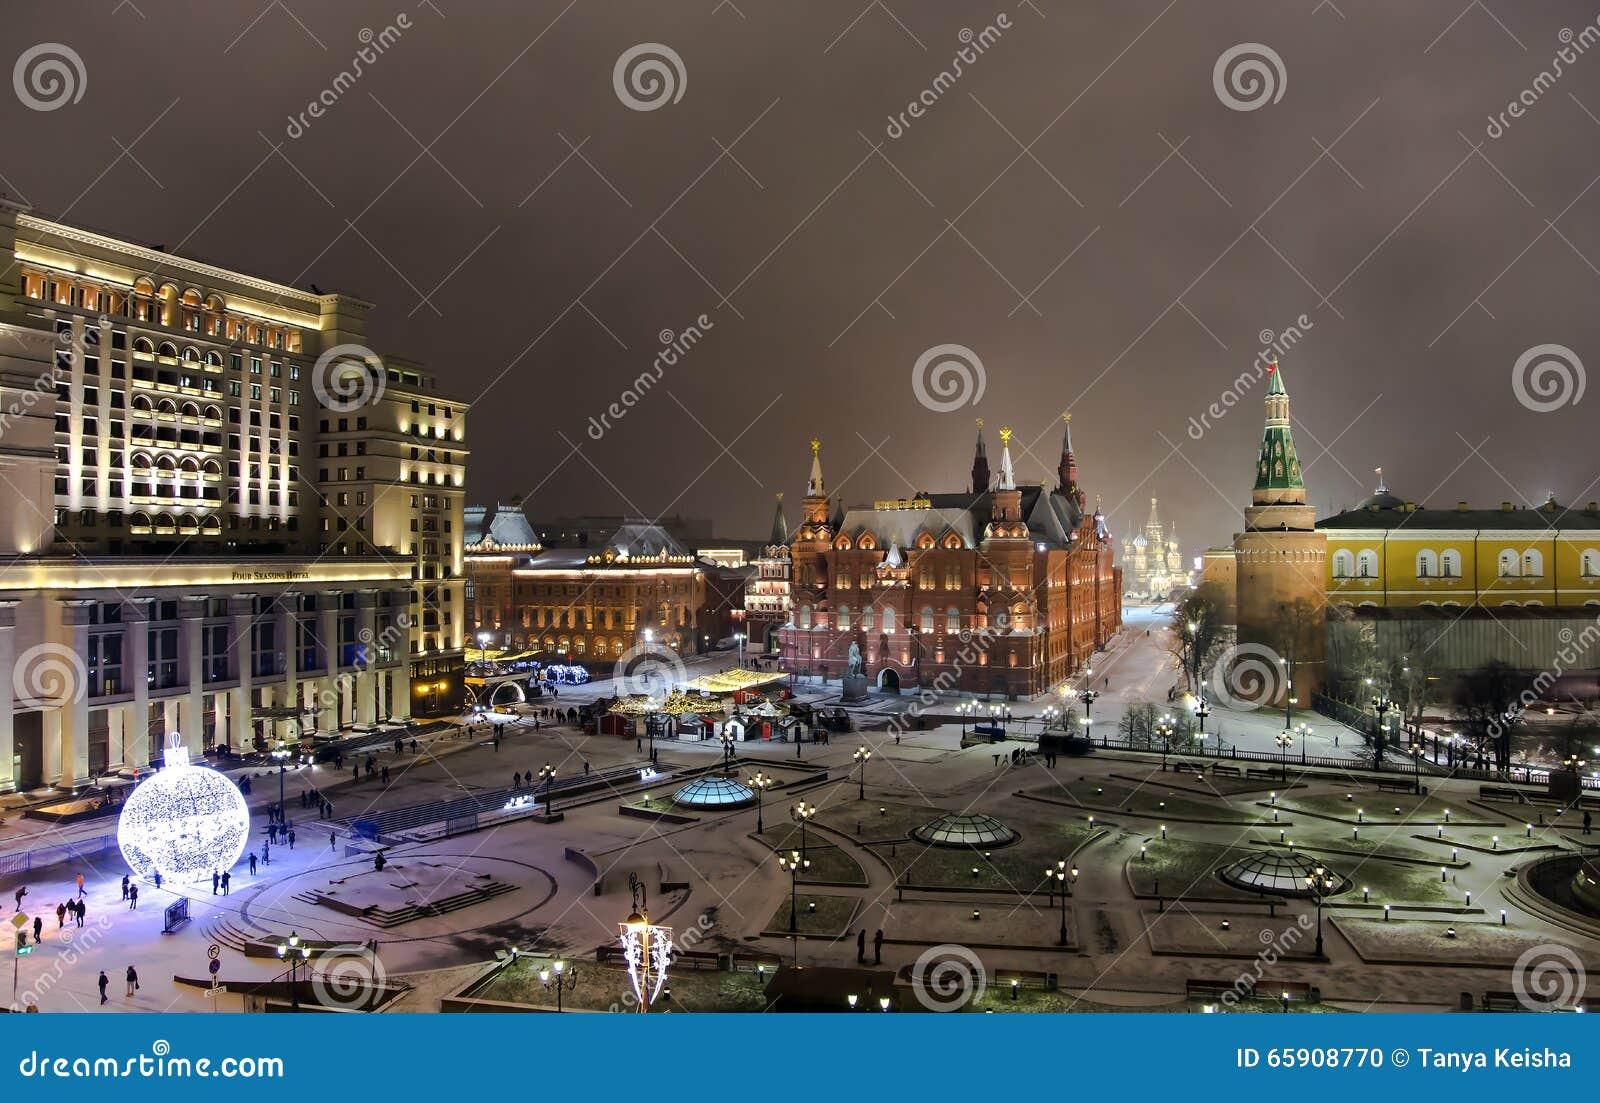 Panorama di notte del museo storico dello stato e della cattedrale di Vasiliy beatifici